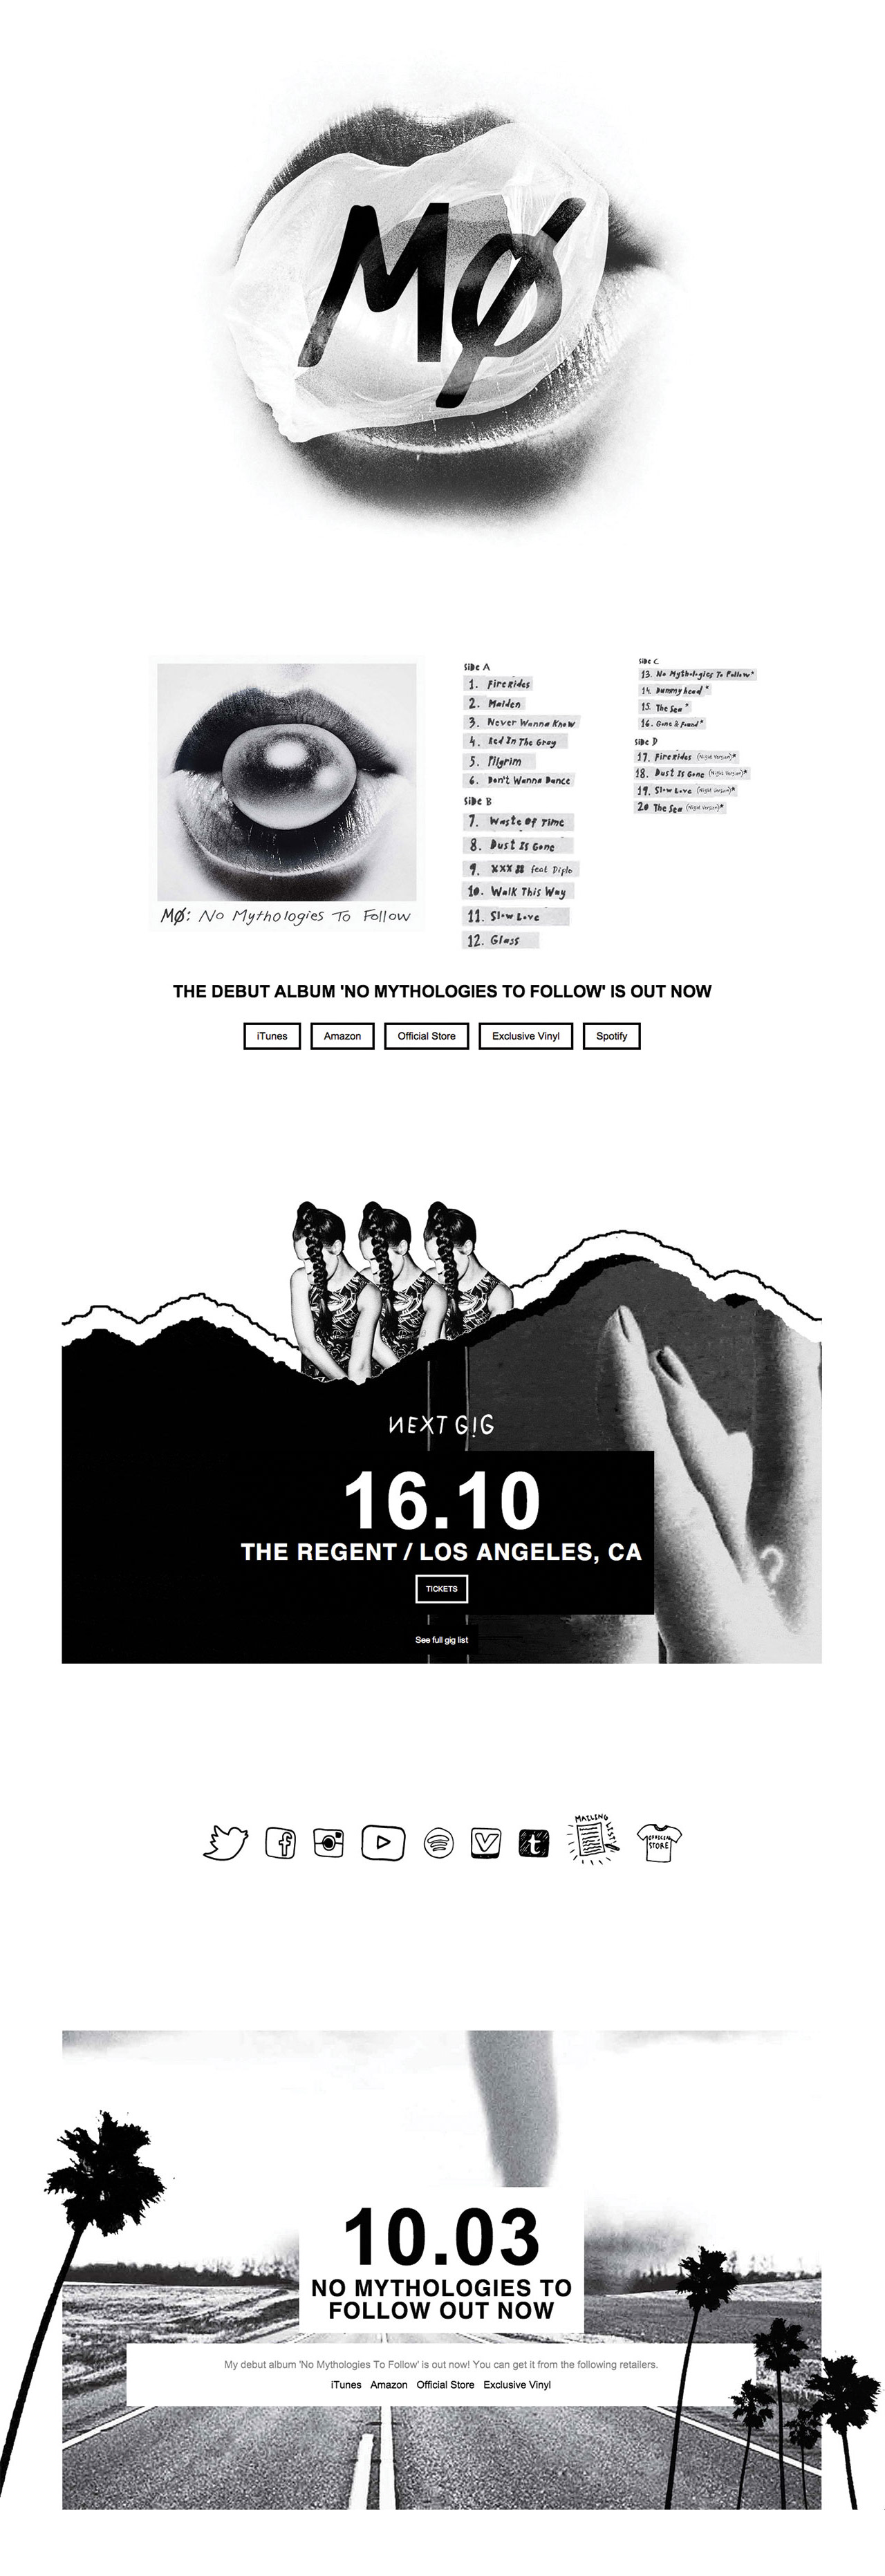 MØ Website Screenshot